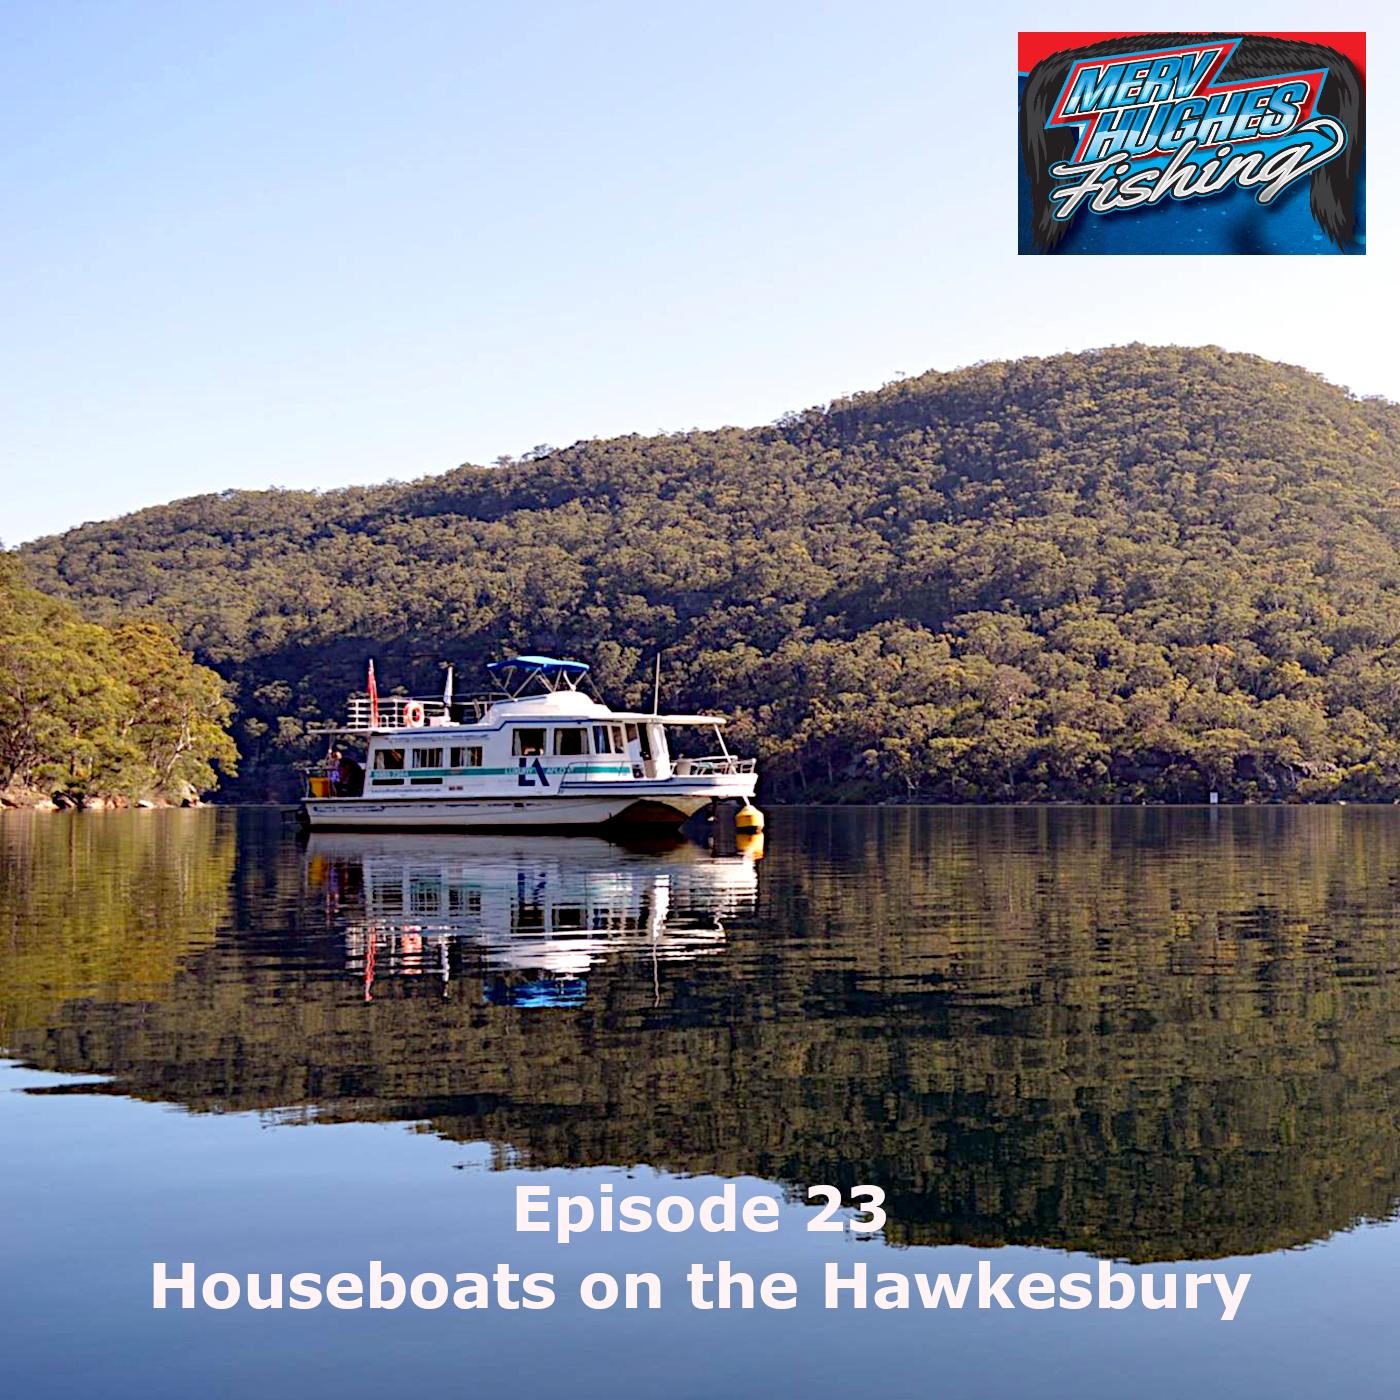 Houseboats on the Hawkesbury